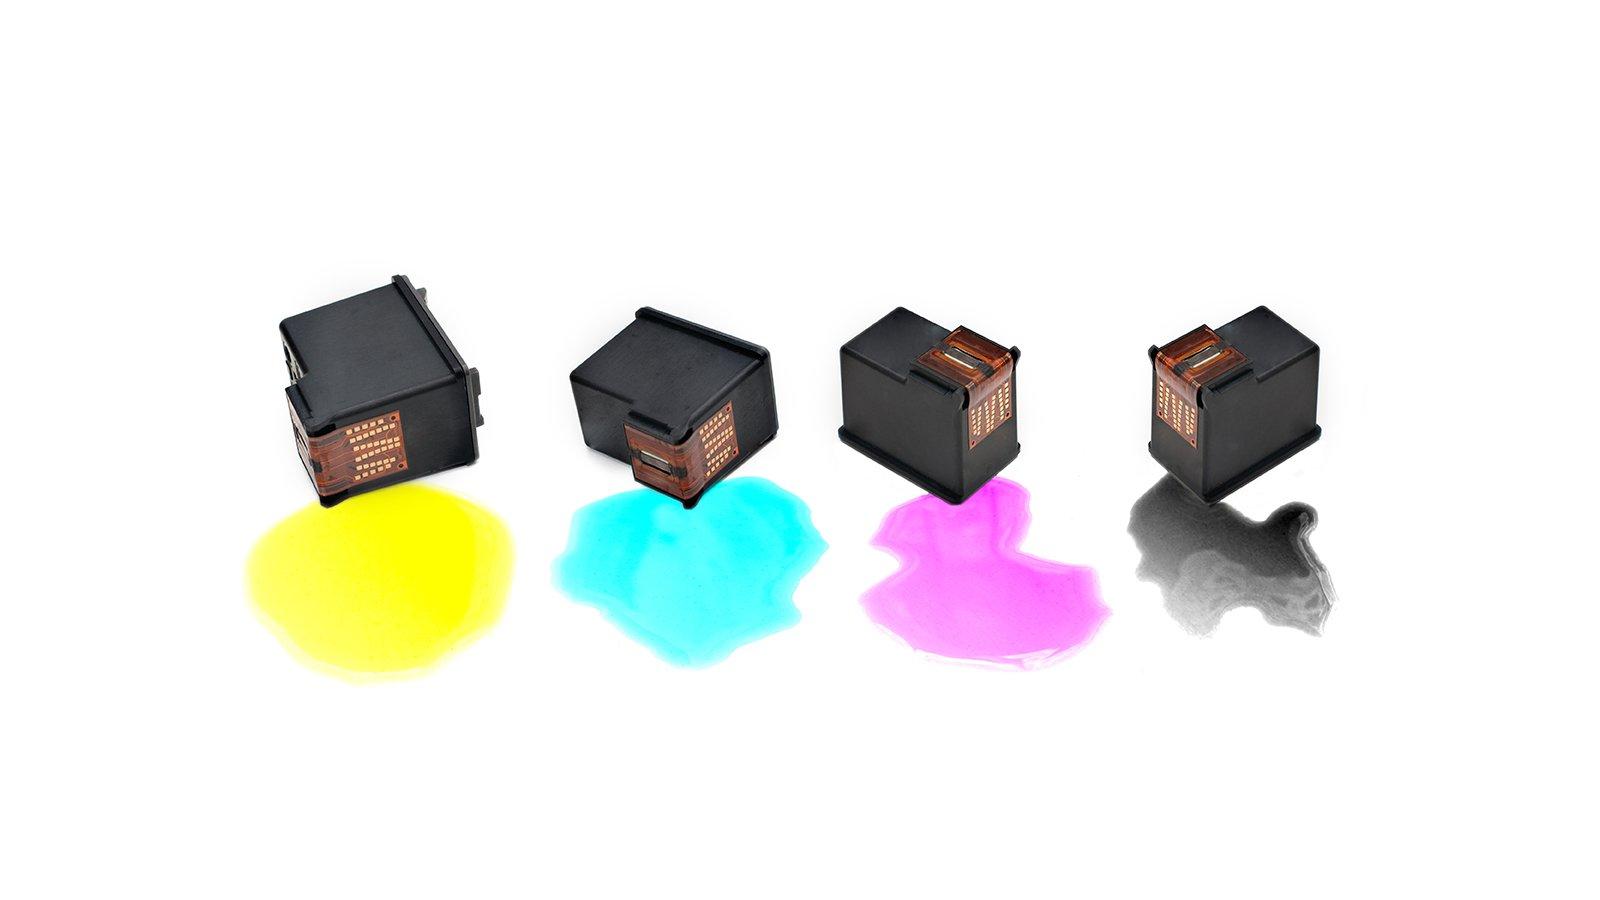 delle cartucce con davanti dell'inchiostro colorato